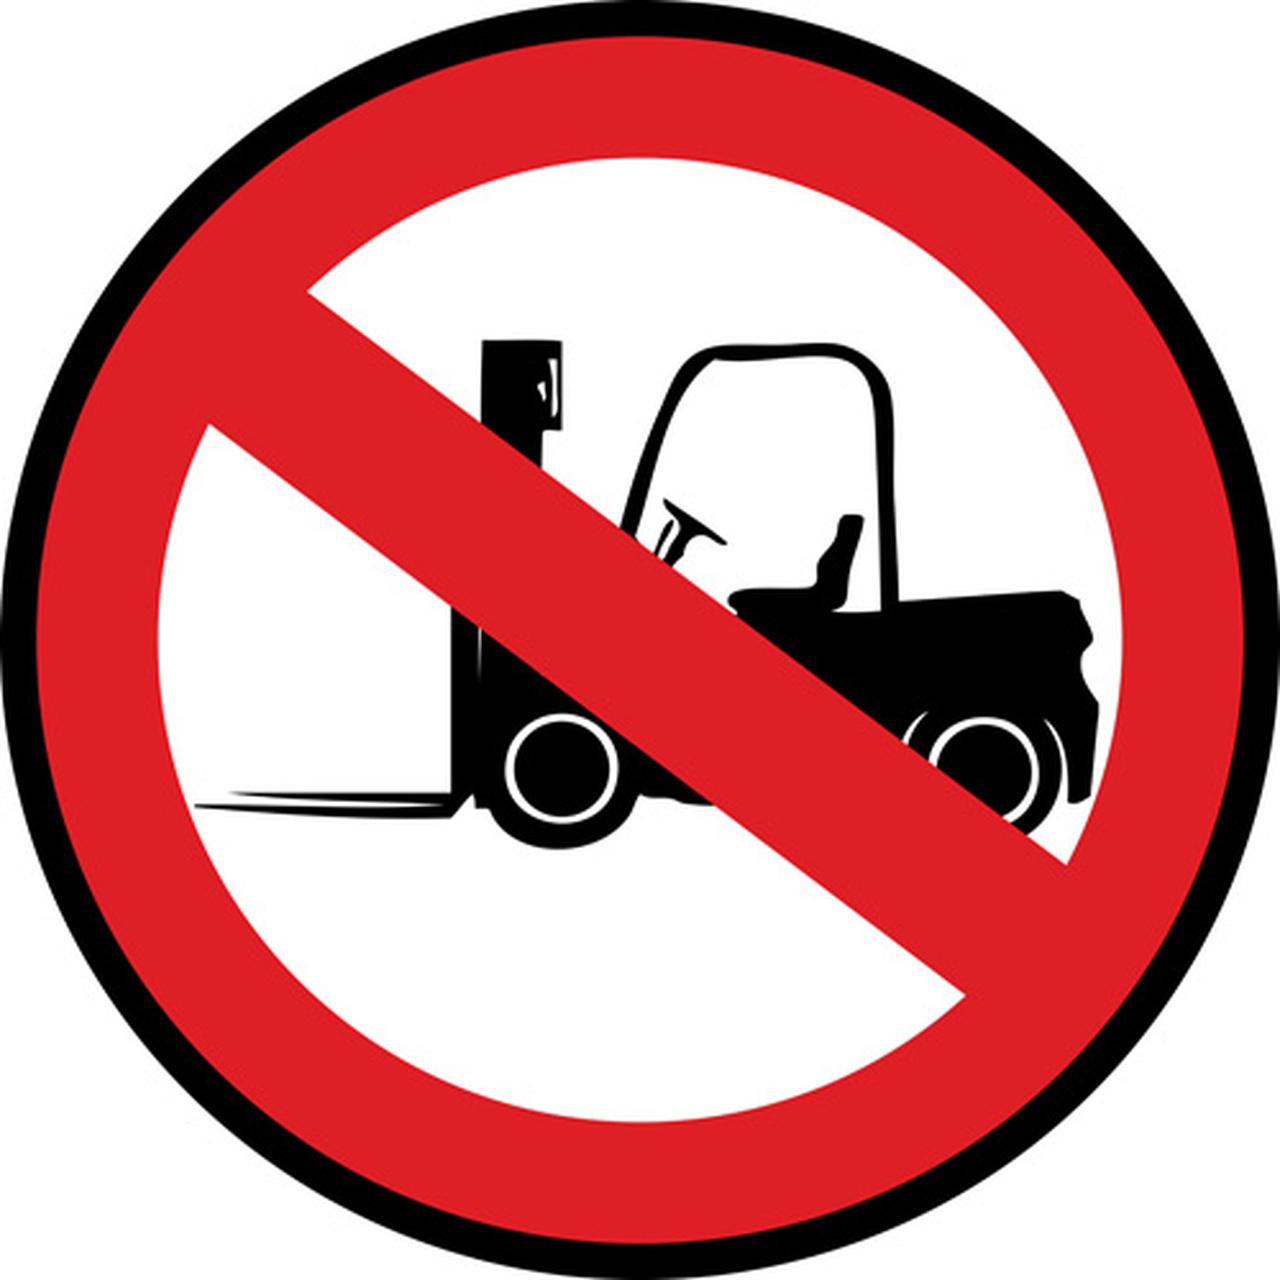 Lot 1 - No Forklift Onsite